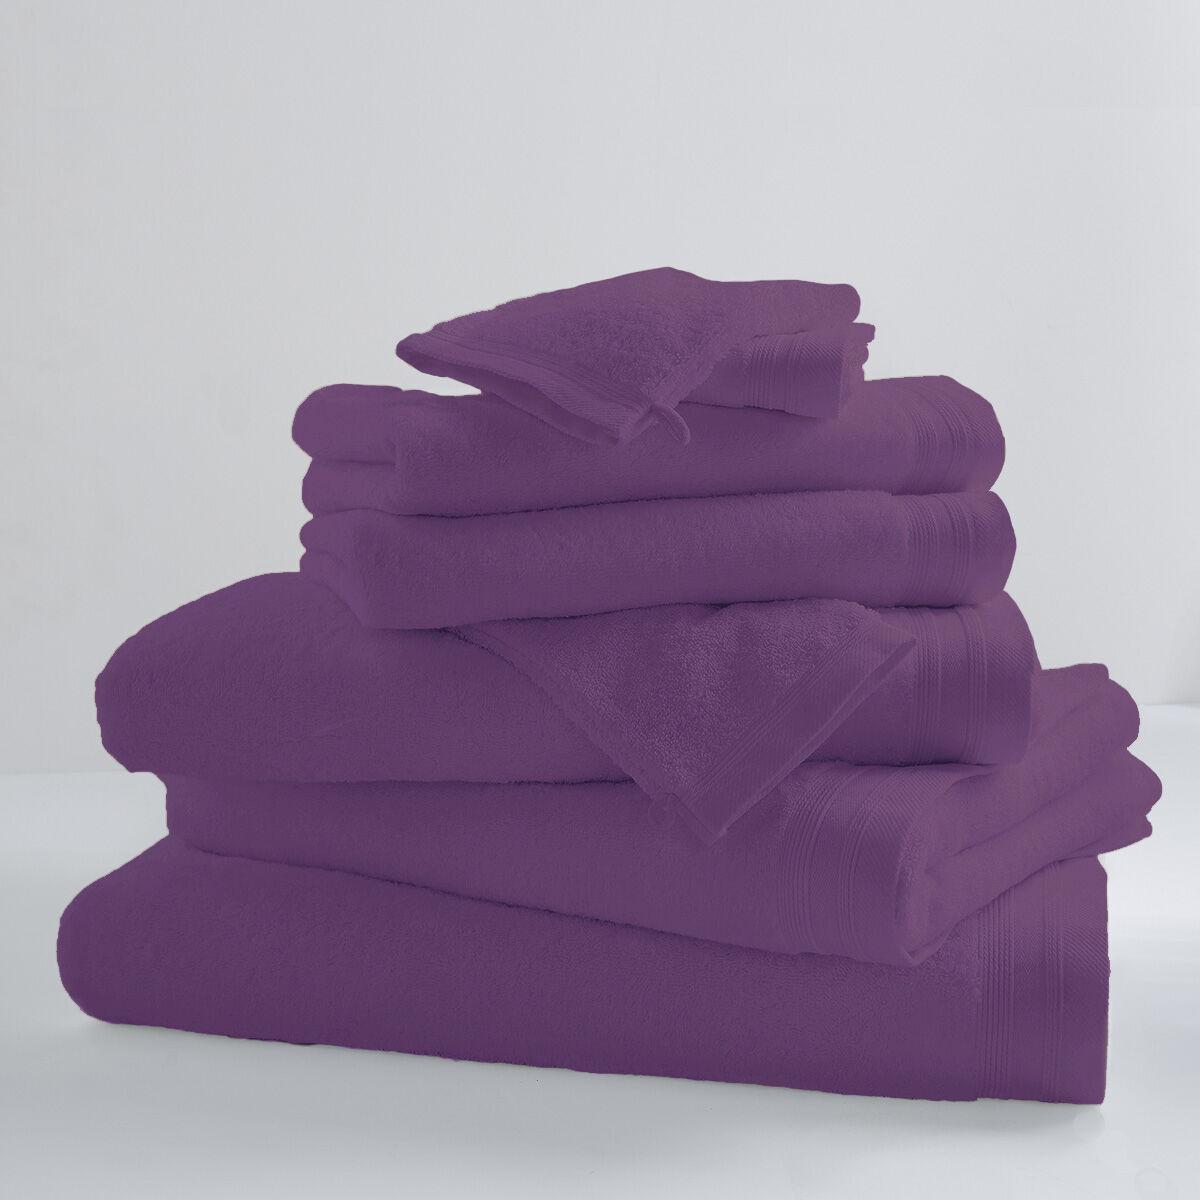 Home Bain Drap de bain uni et coloré coton violette 150x100